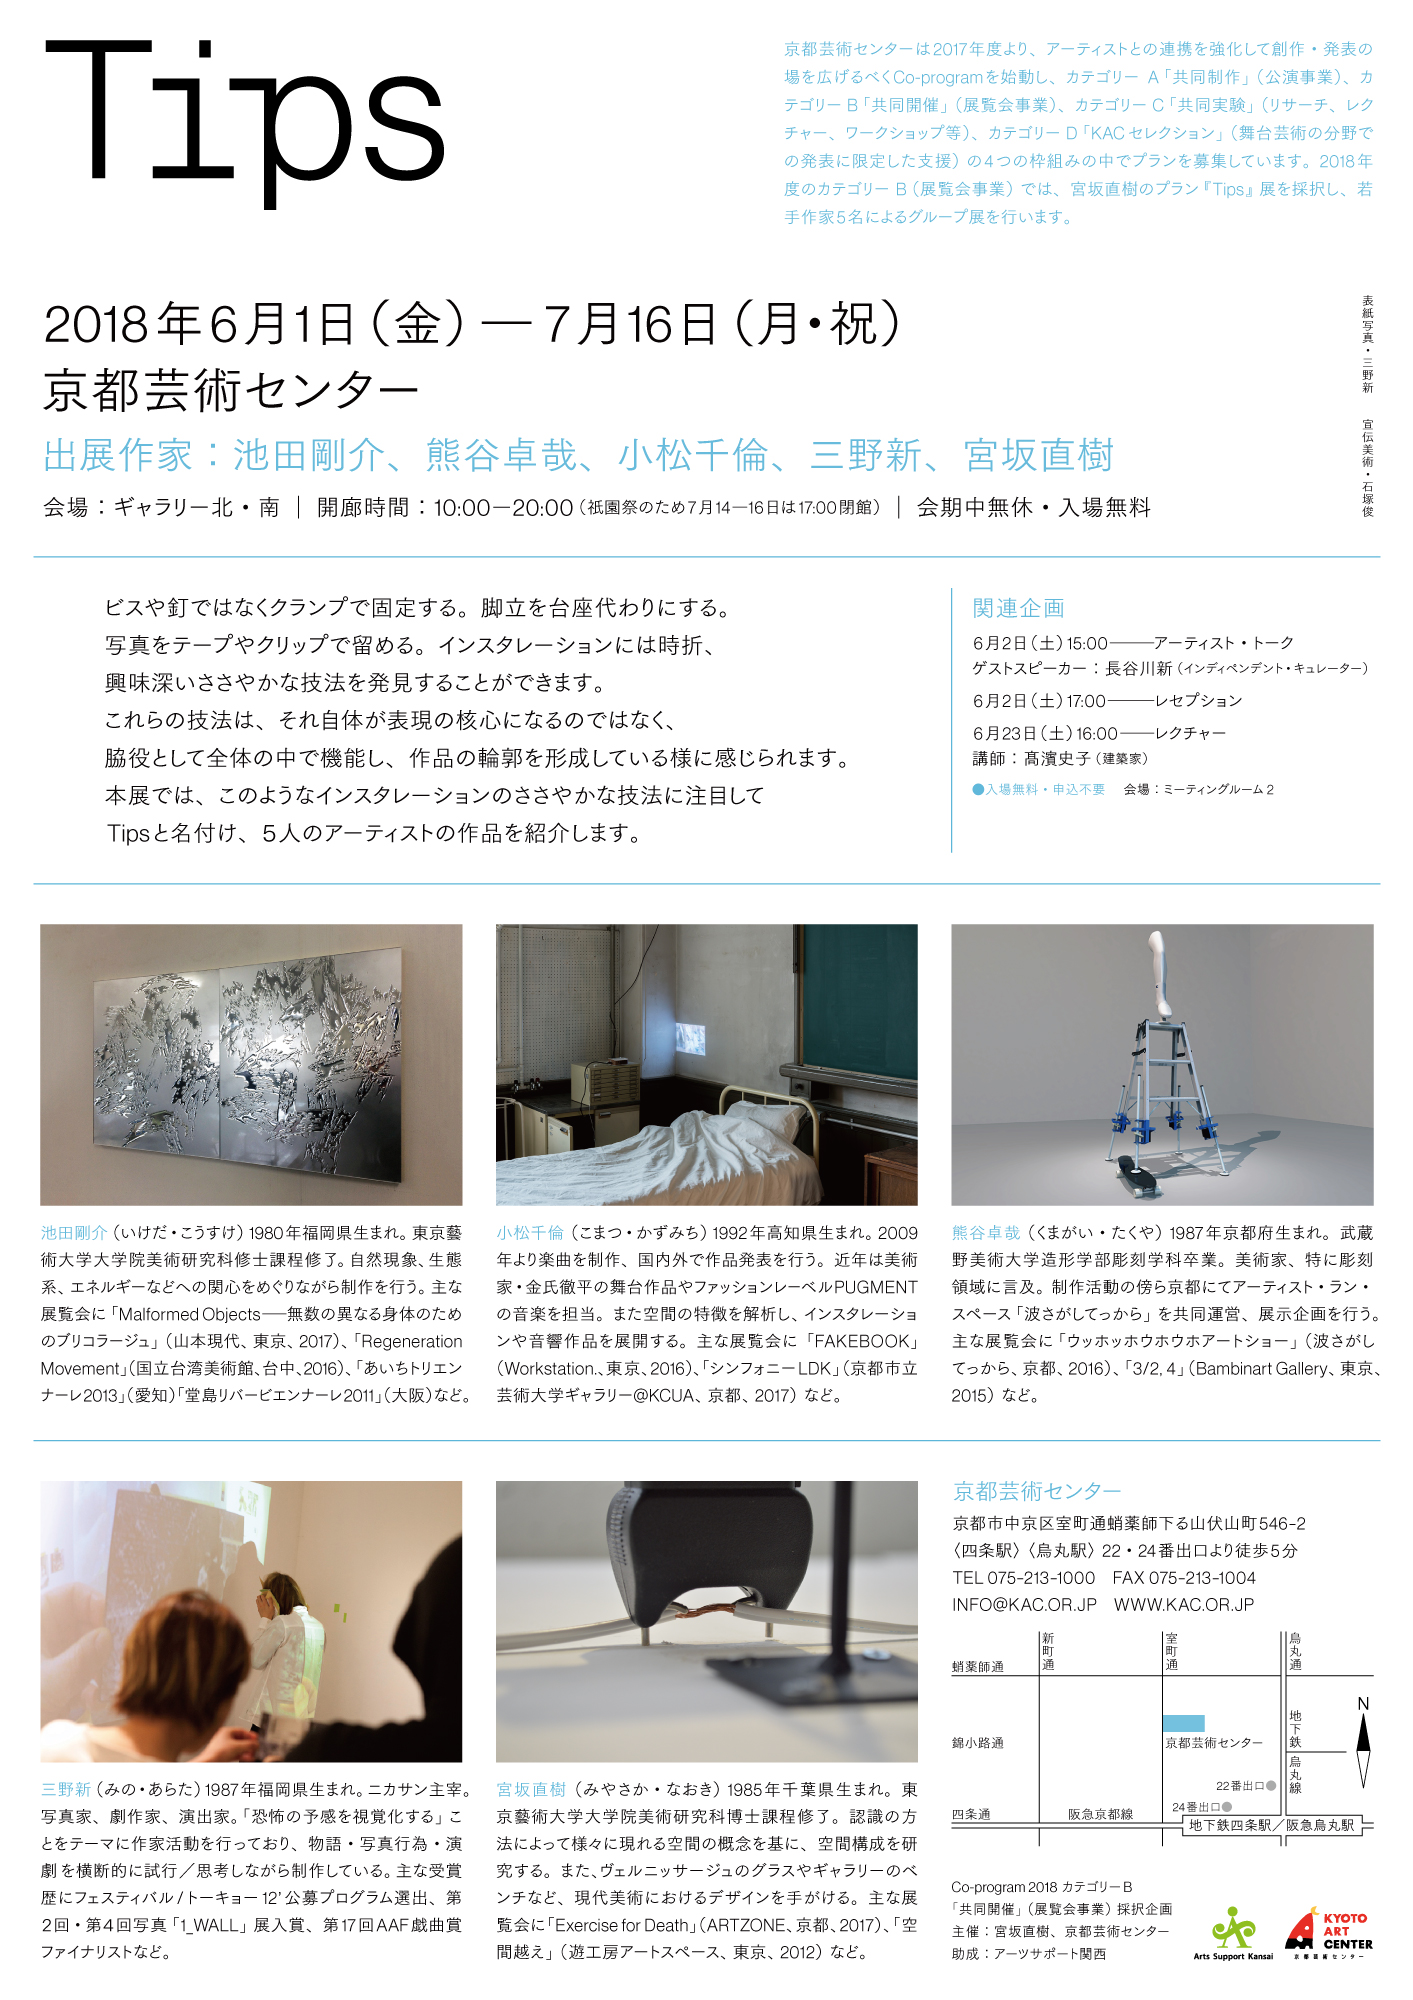 宣伝美術:石塚俊